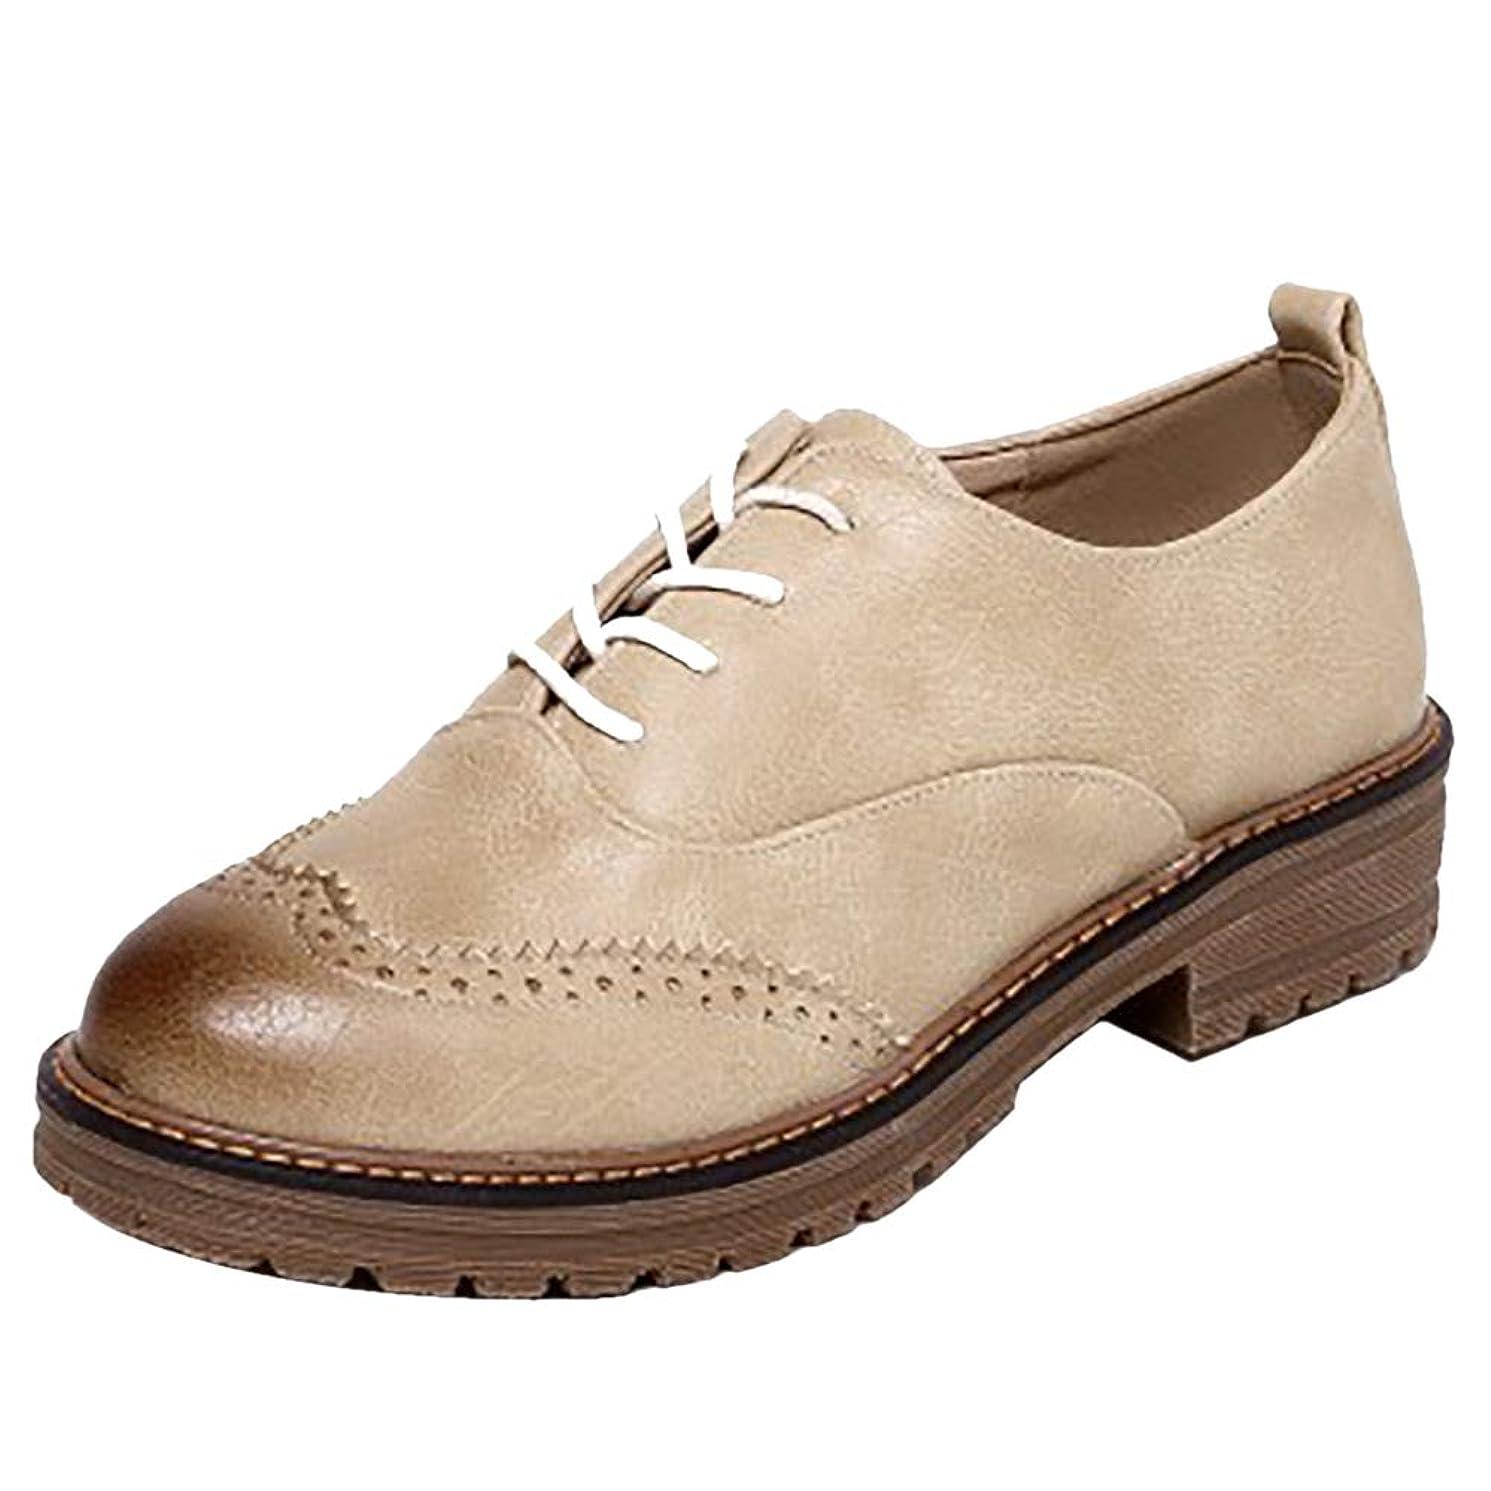 企業あいまいさ泥棒[NIGHT CHERRY] レディース オックスフォード シューズ ラウンドトゥ 通学 靴 制服